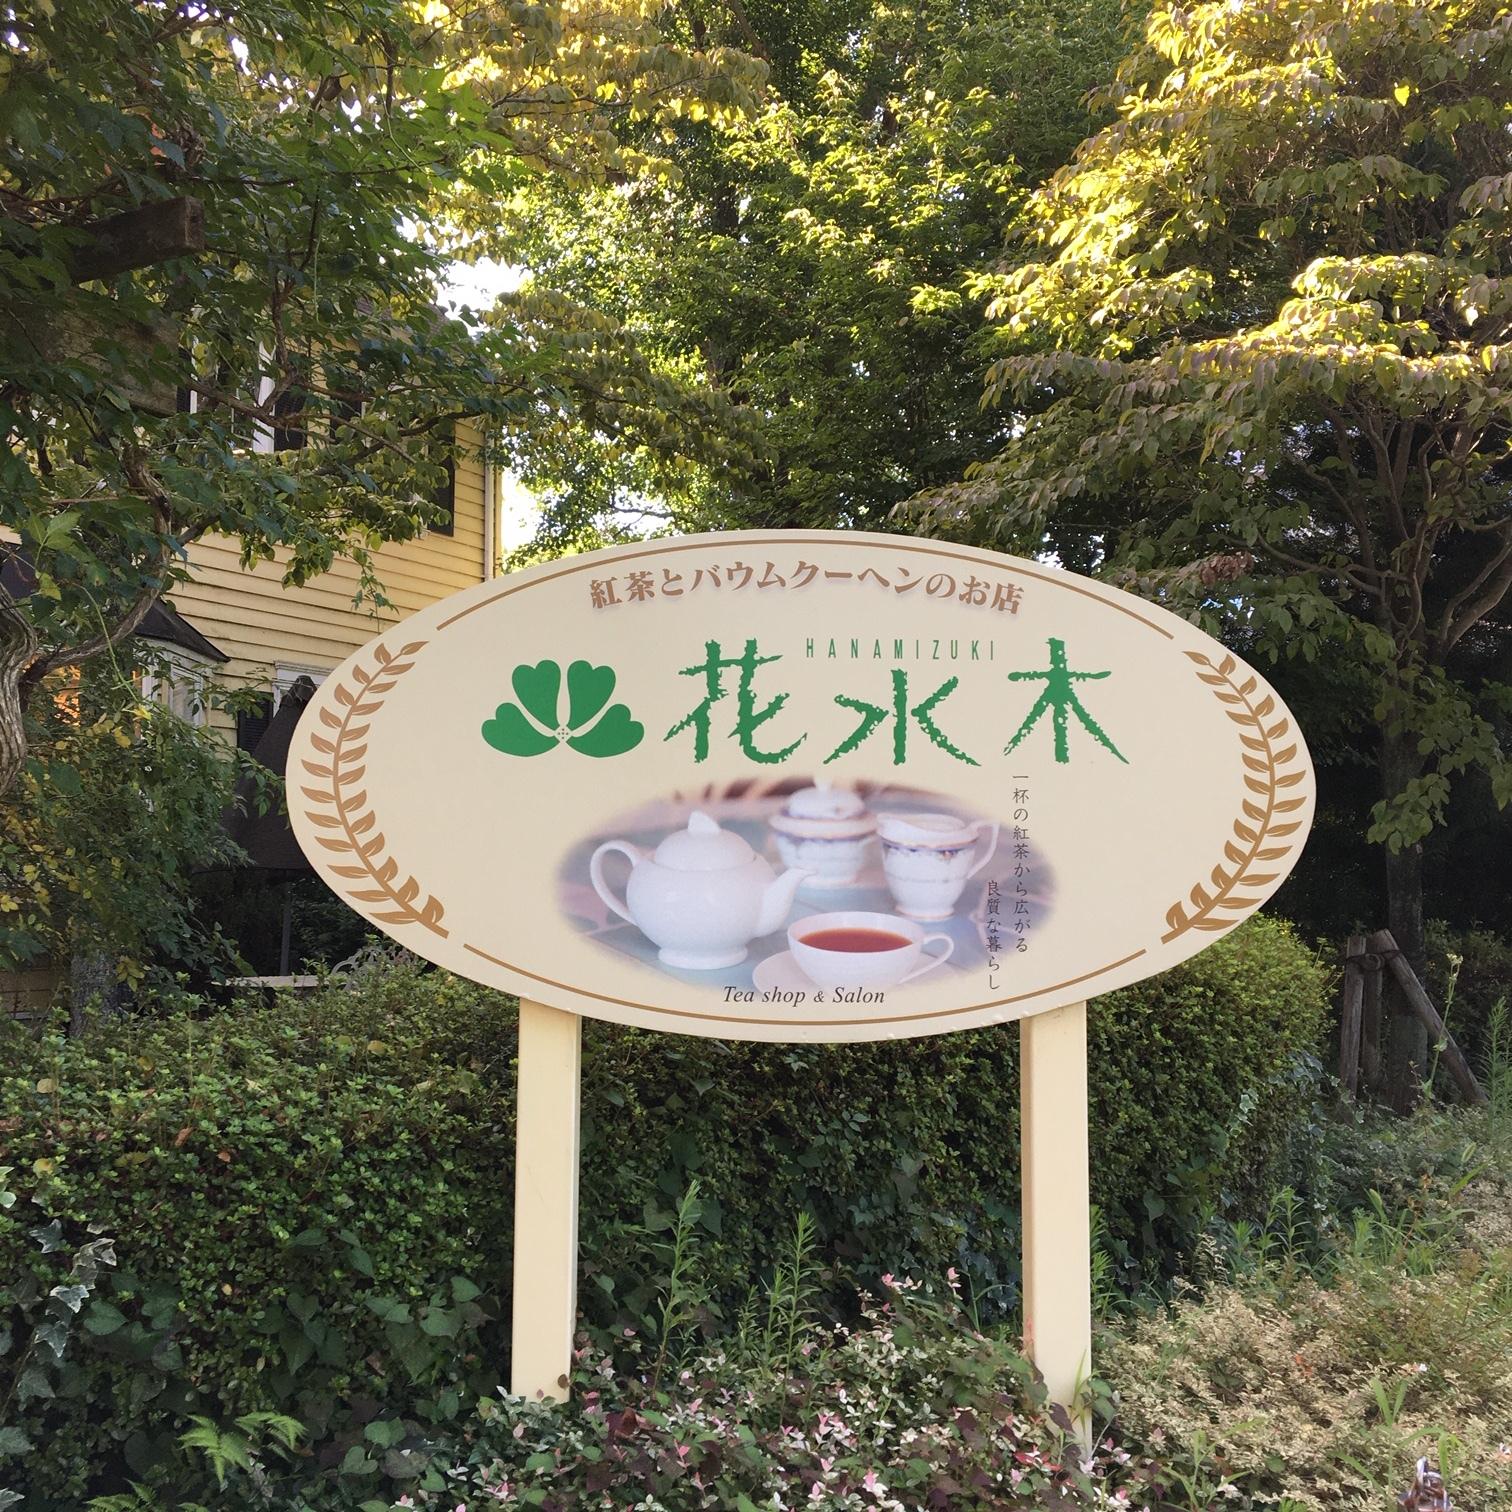 【1000円台アフタヌーンティー♥】安いのに味も映えも大満足!_1_1-1